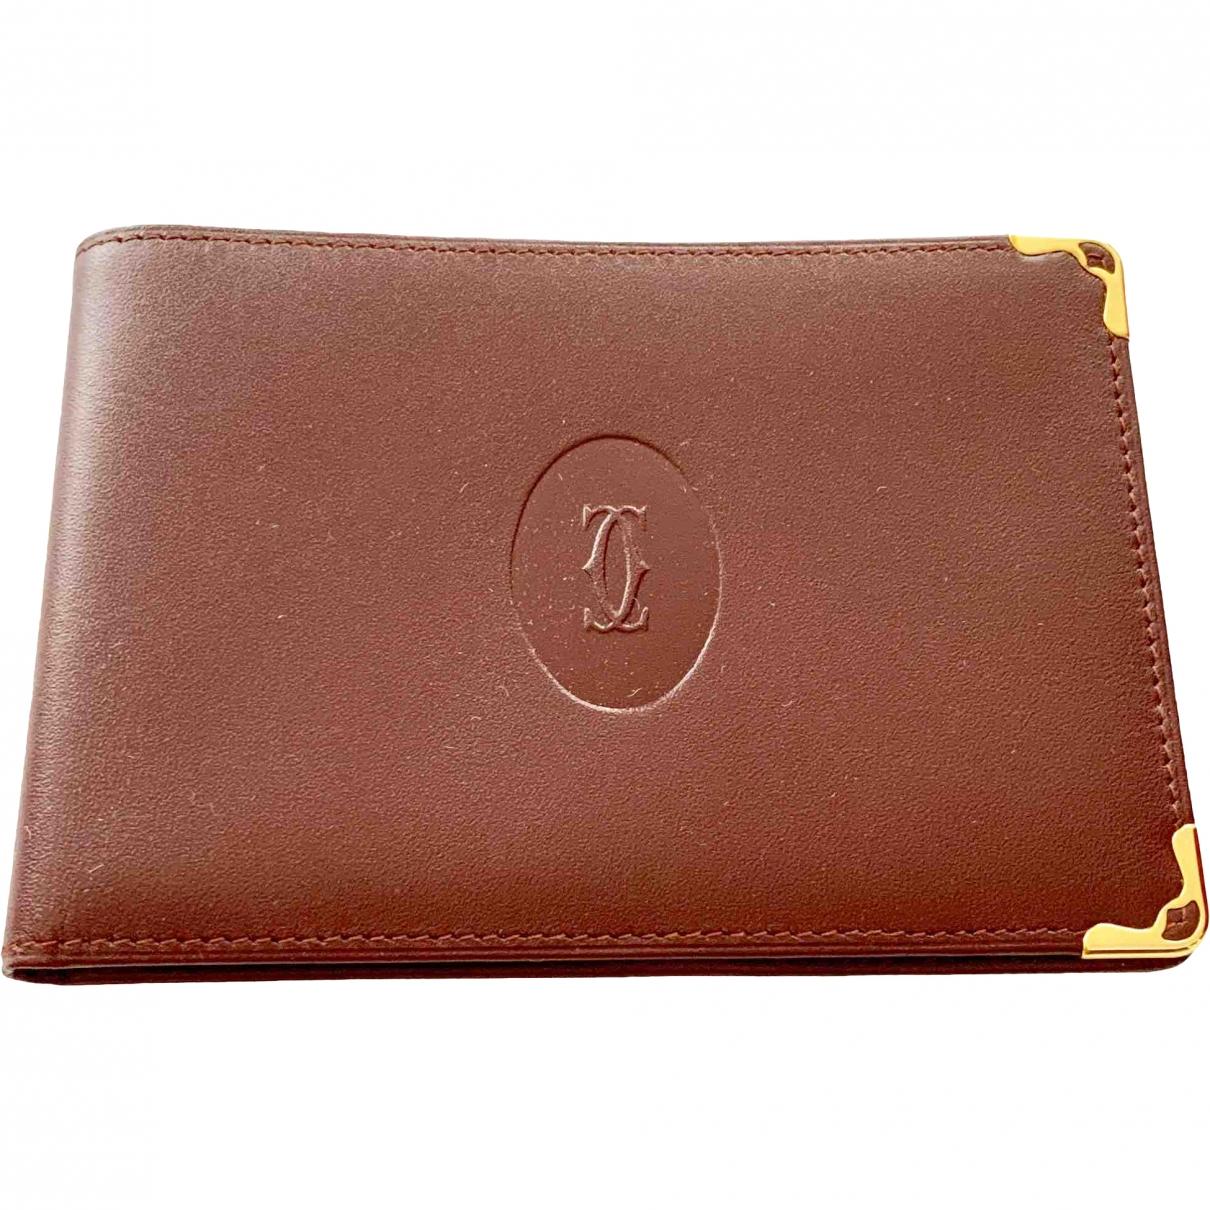 Cartier - Portefeuille   pour femme en cuir - marron